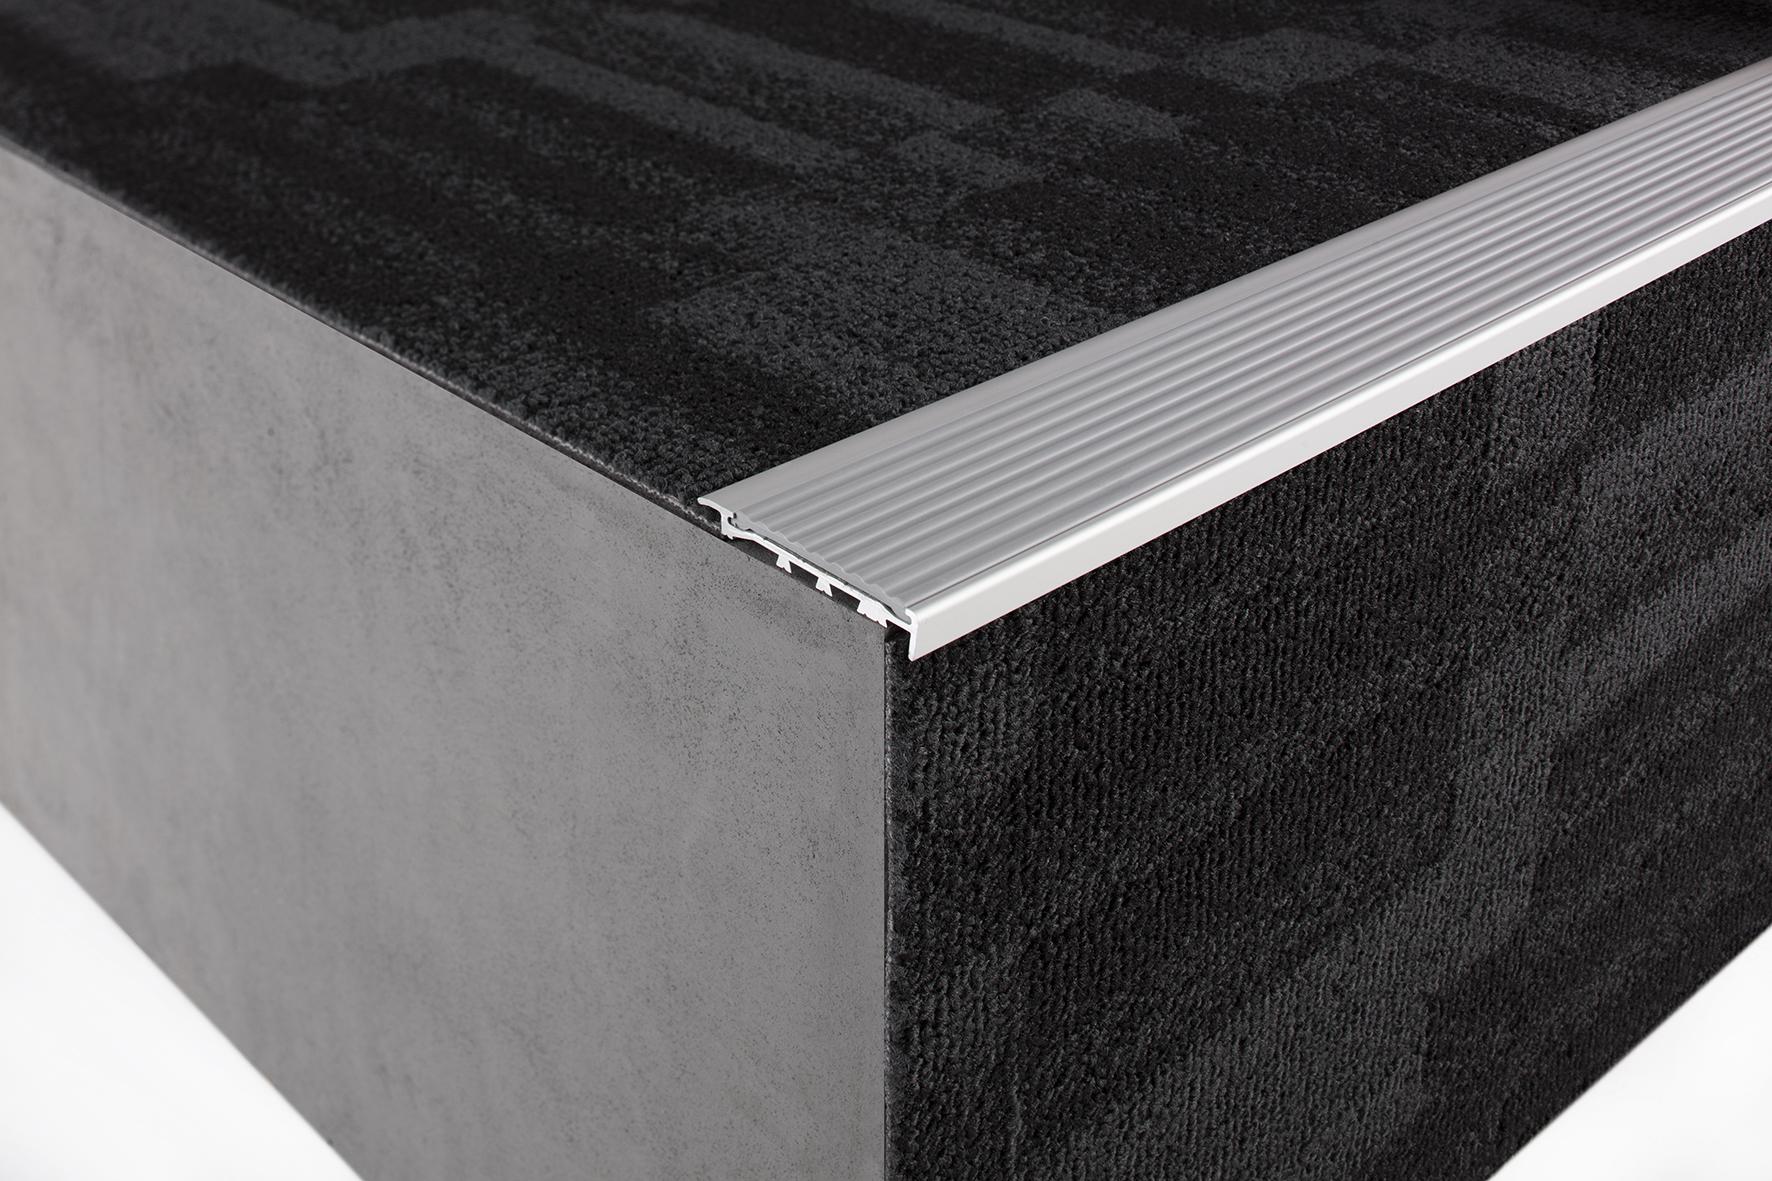 Pbd106 Tredfx Aluminium Carpet Tile Nosing